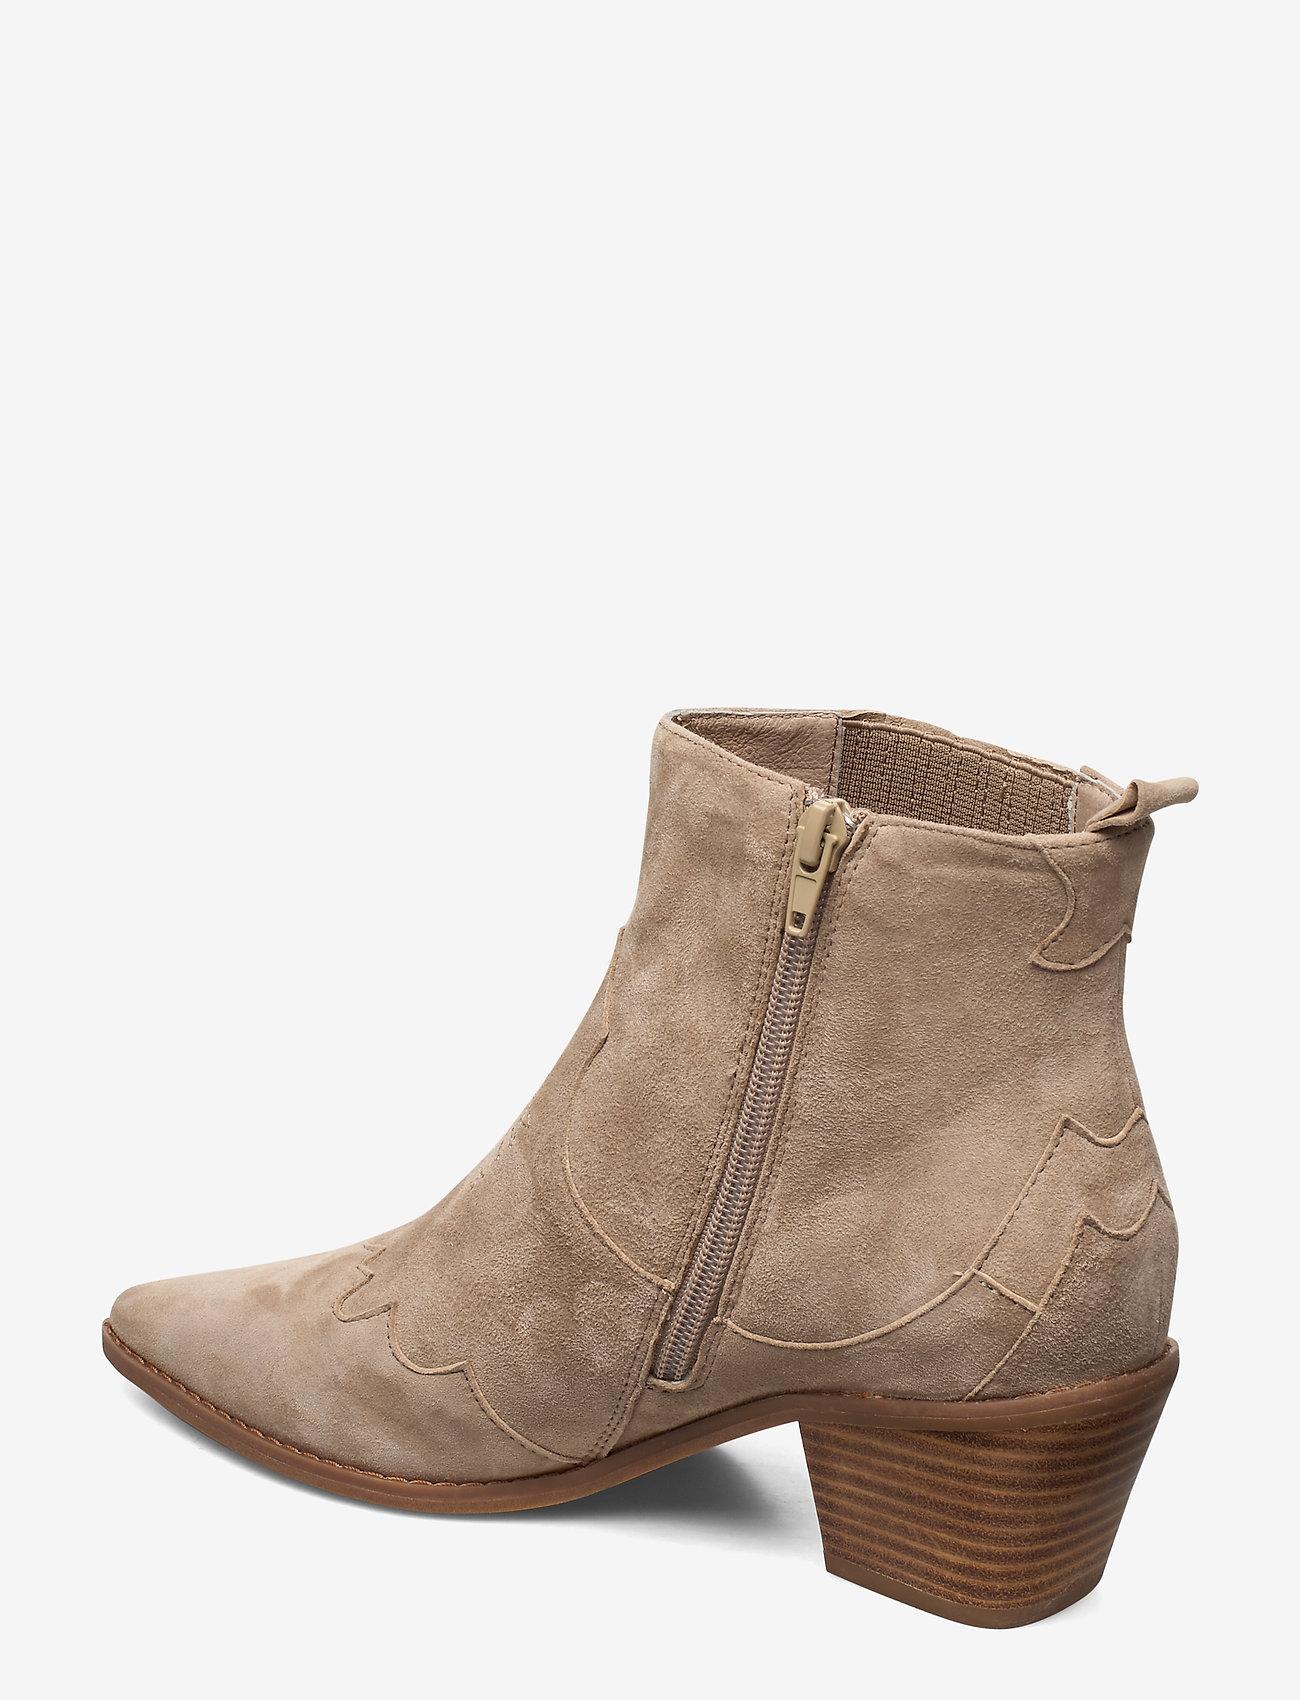 Boot (Sand) - Sofie Schnoor